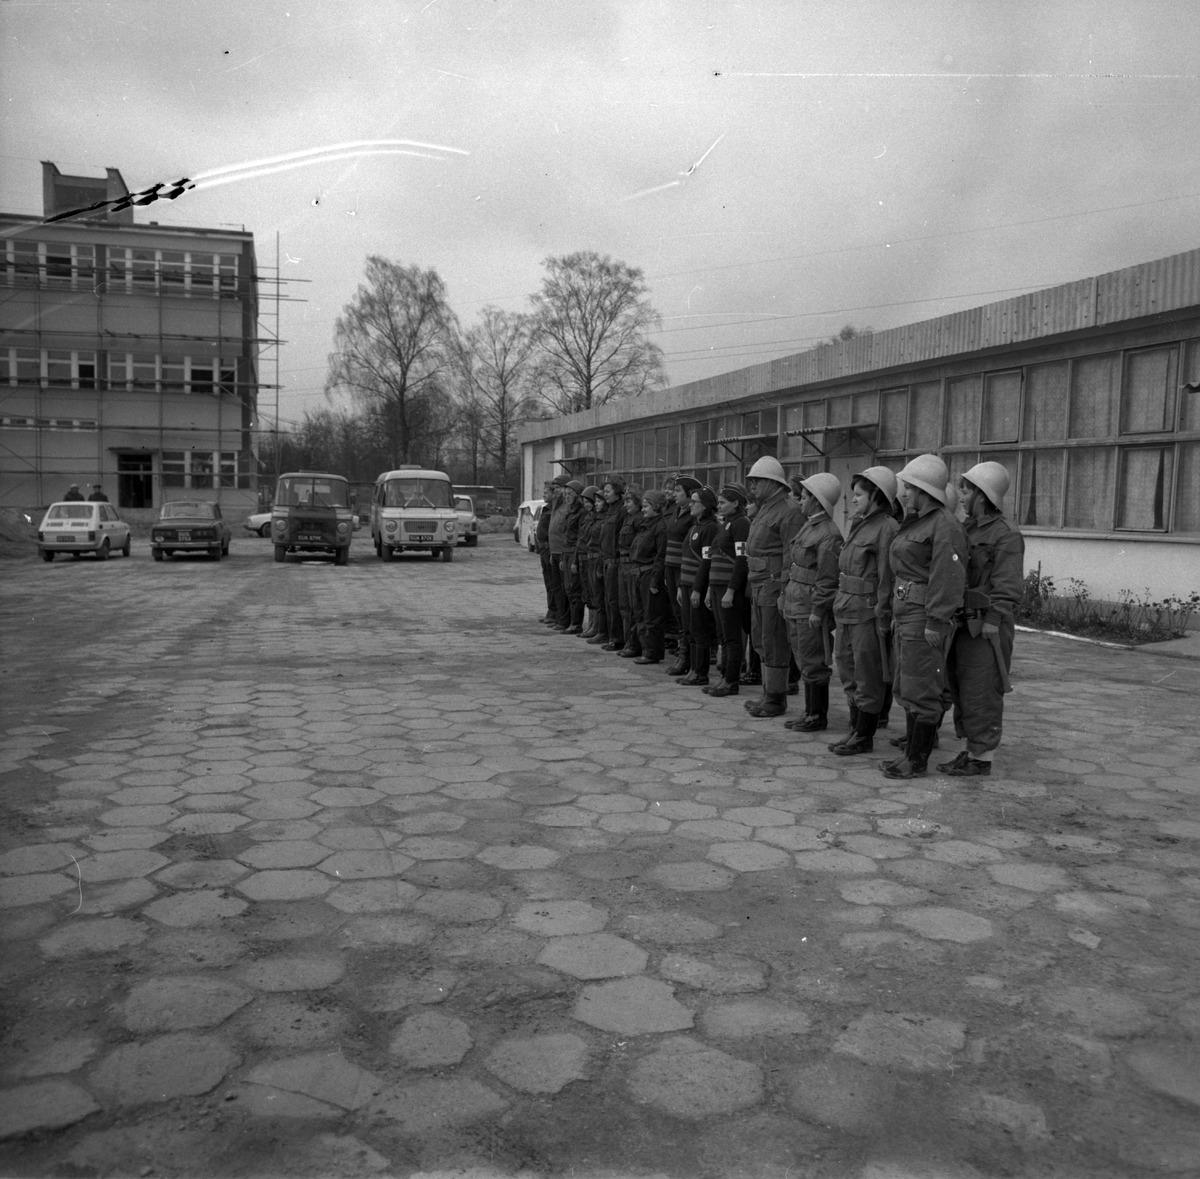 Ćwiczenia obrony cywilnej, 1977 r. [5]